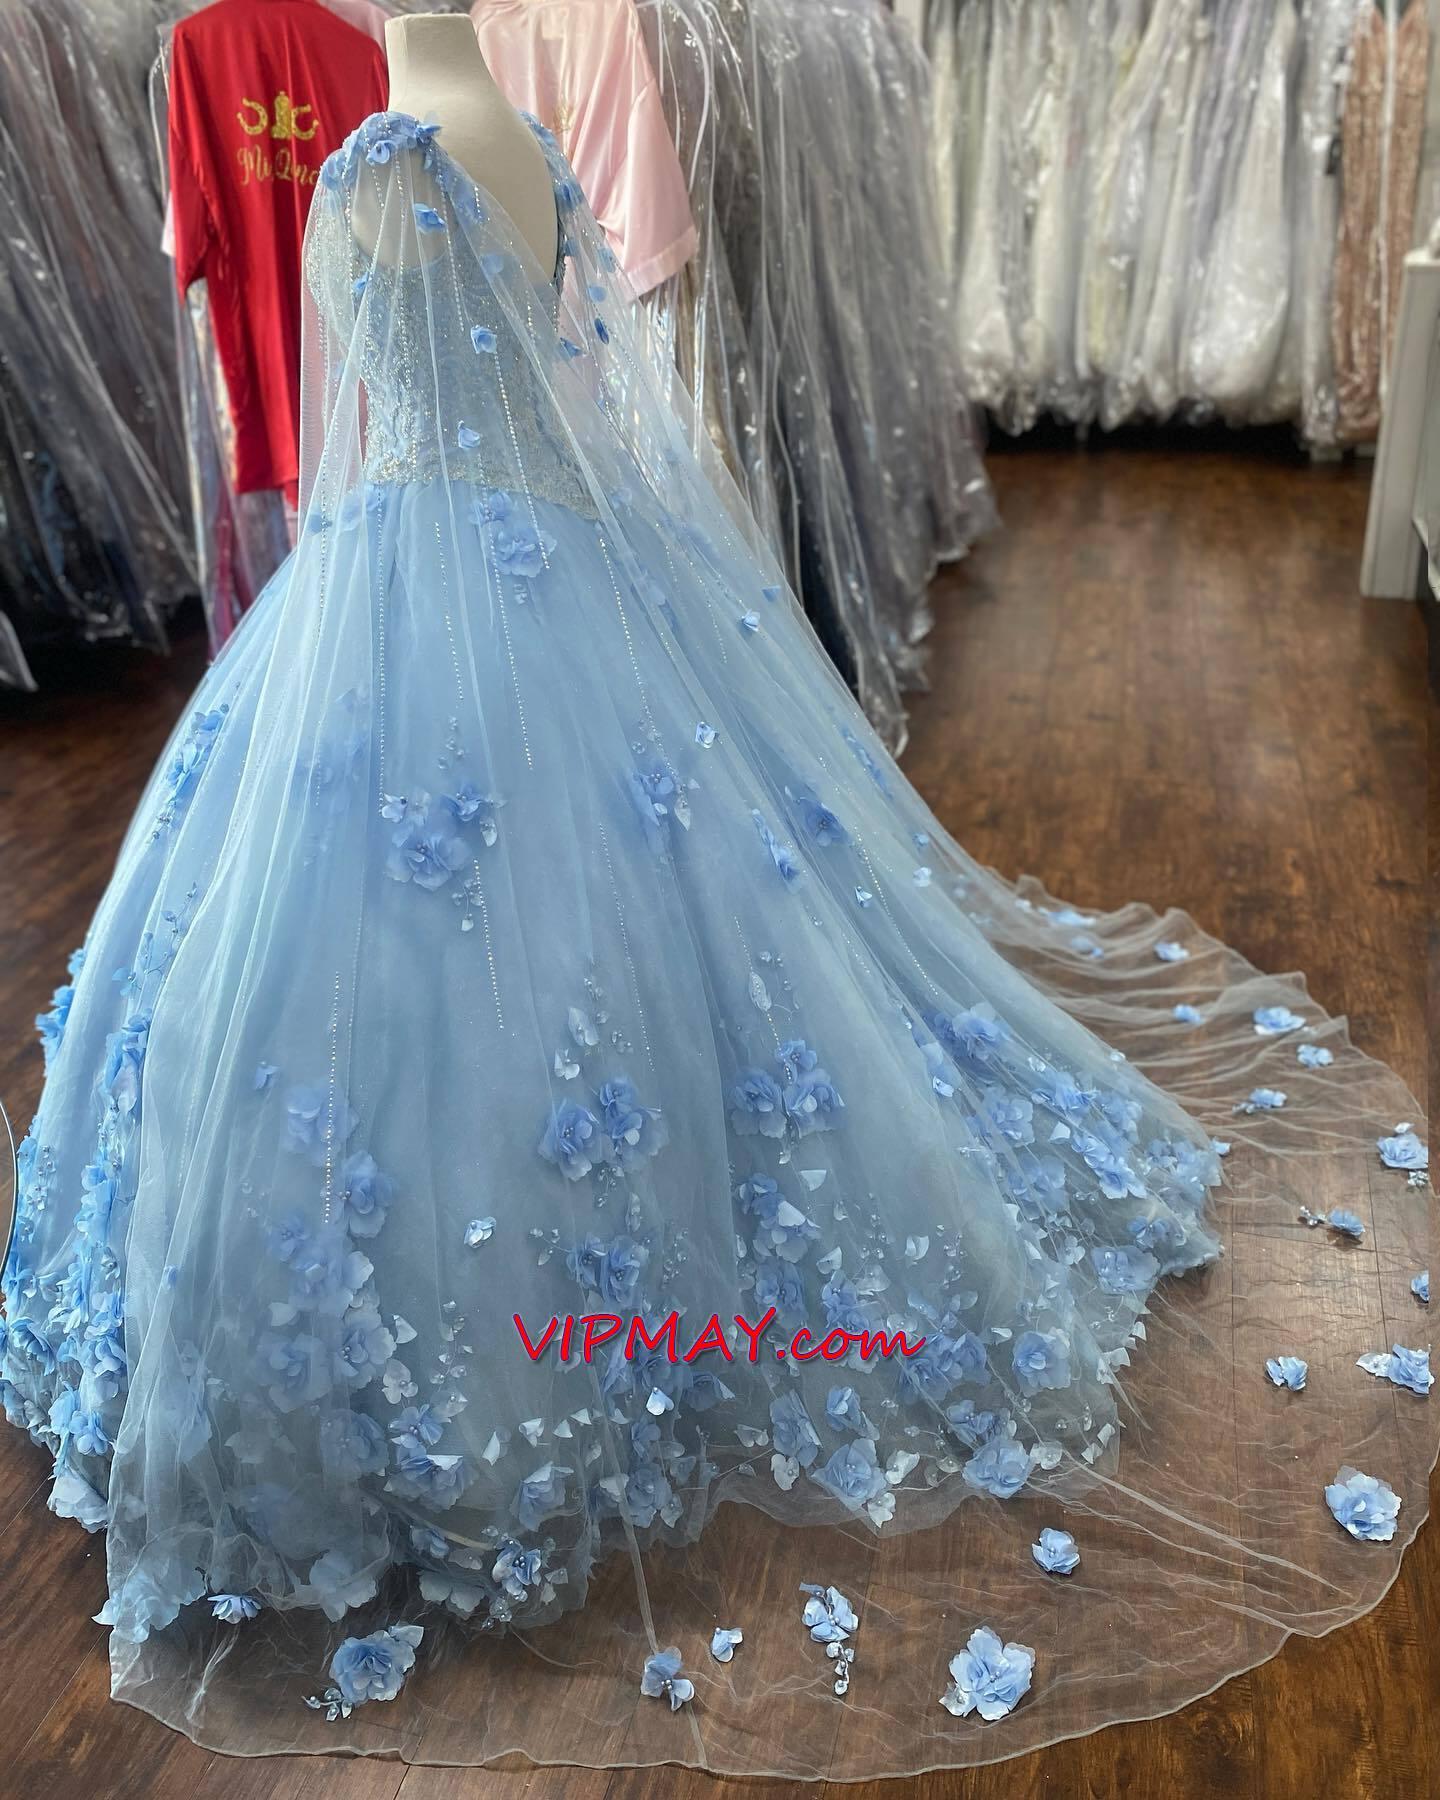 light blue quinceanera dress,baby blue quinceanera dress,quinceanera dress with 3d flowers,glitter cape quinceanera dress,quinceanera dress with cape,pretty quinceanera dress tumblr,pretty puffy quinceanera dress,beaded top quinceanera dress,